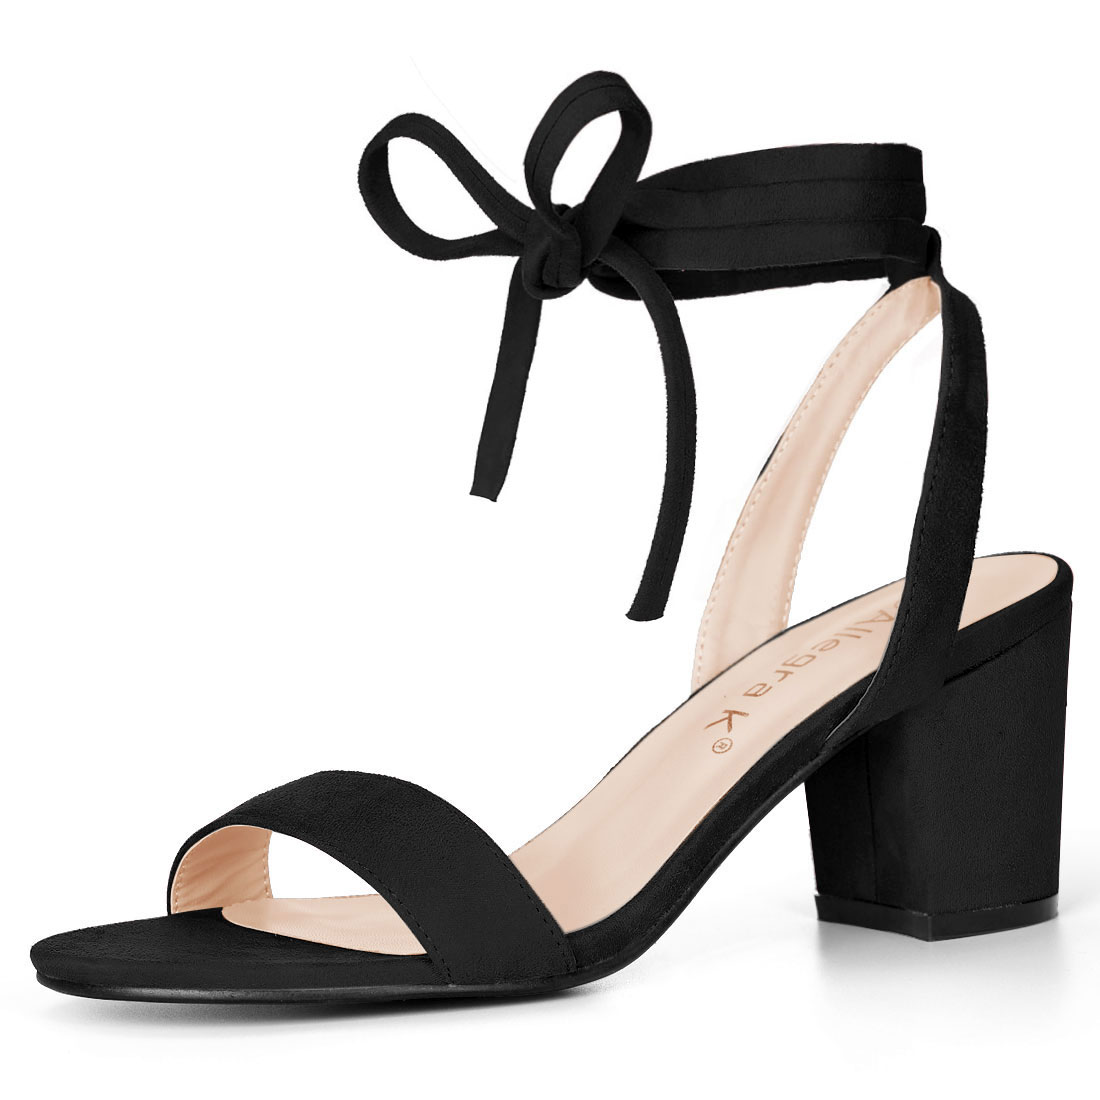 Allegra K Women's Open Toe Mid Block Heel Ankle Tie Sandals Black US 10